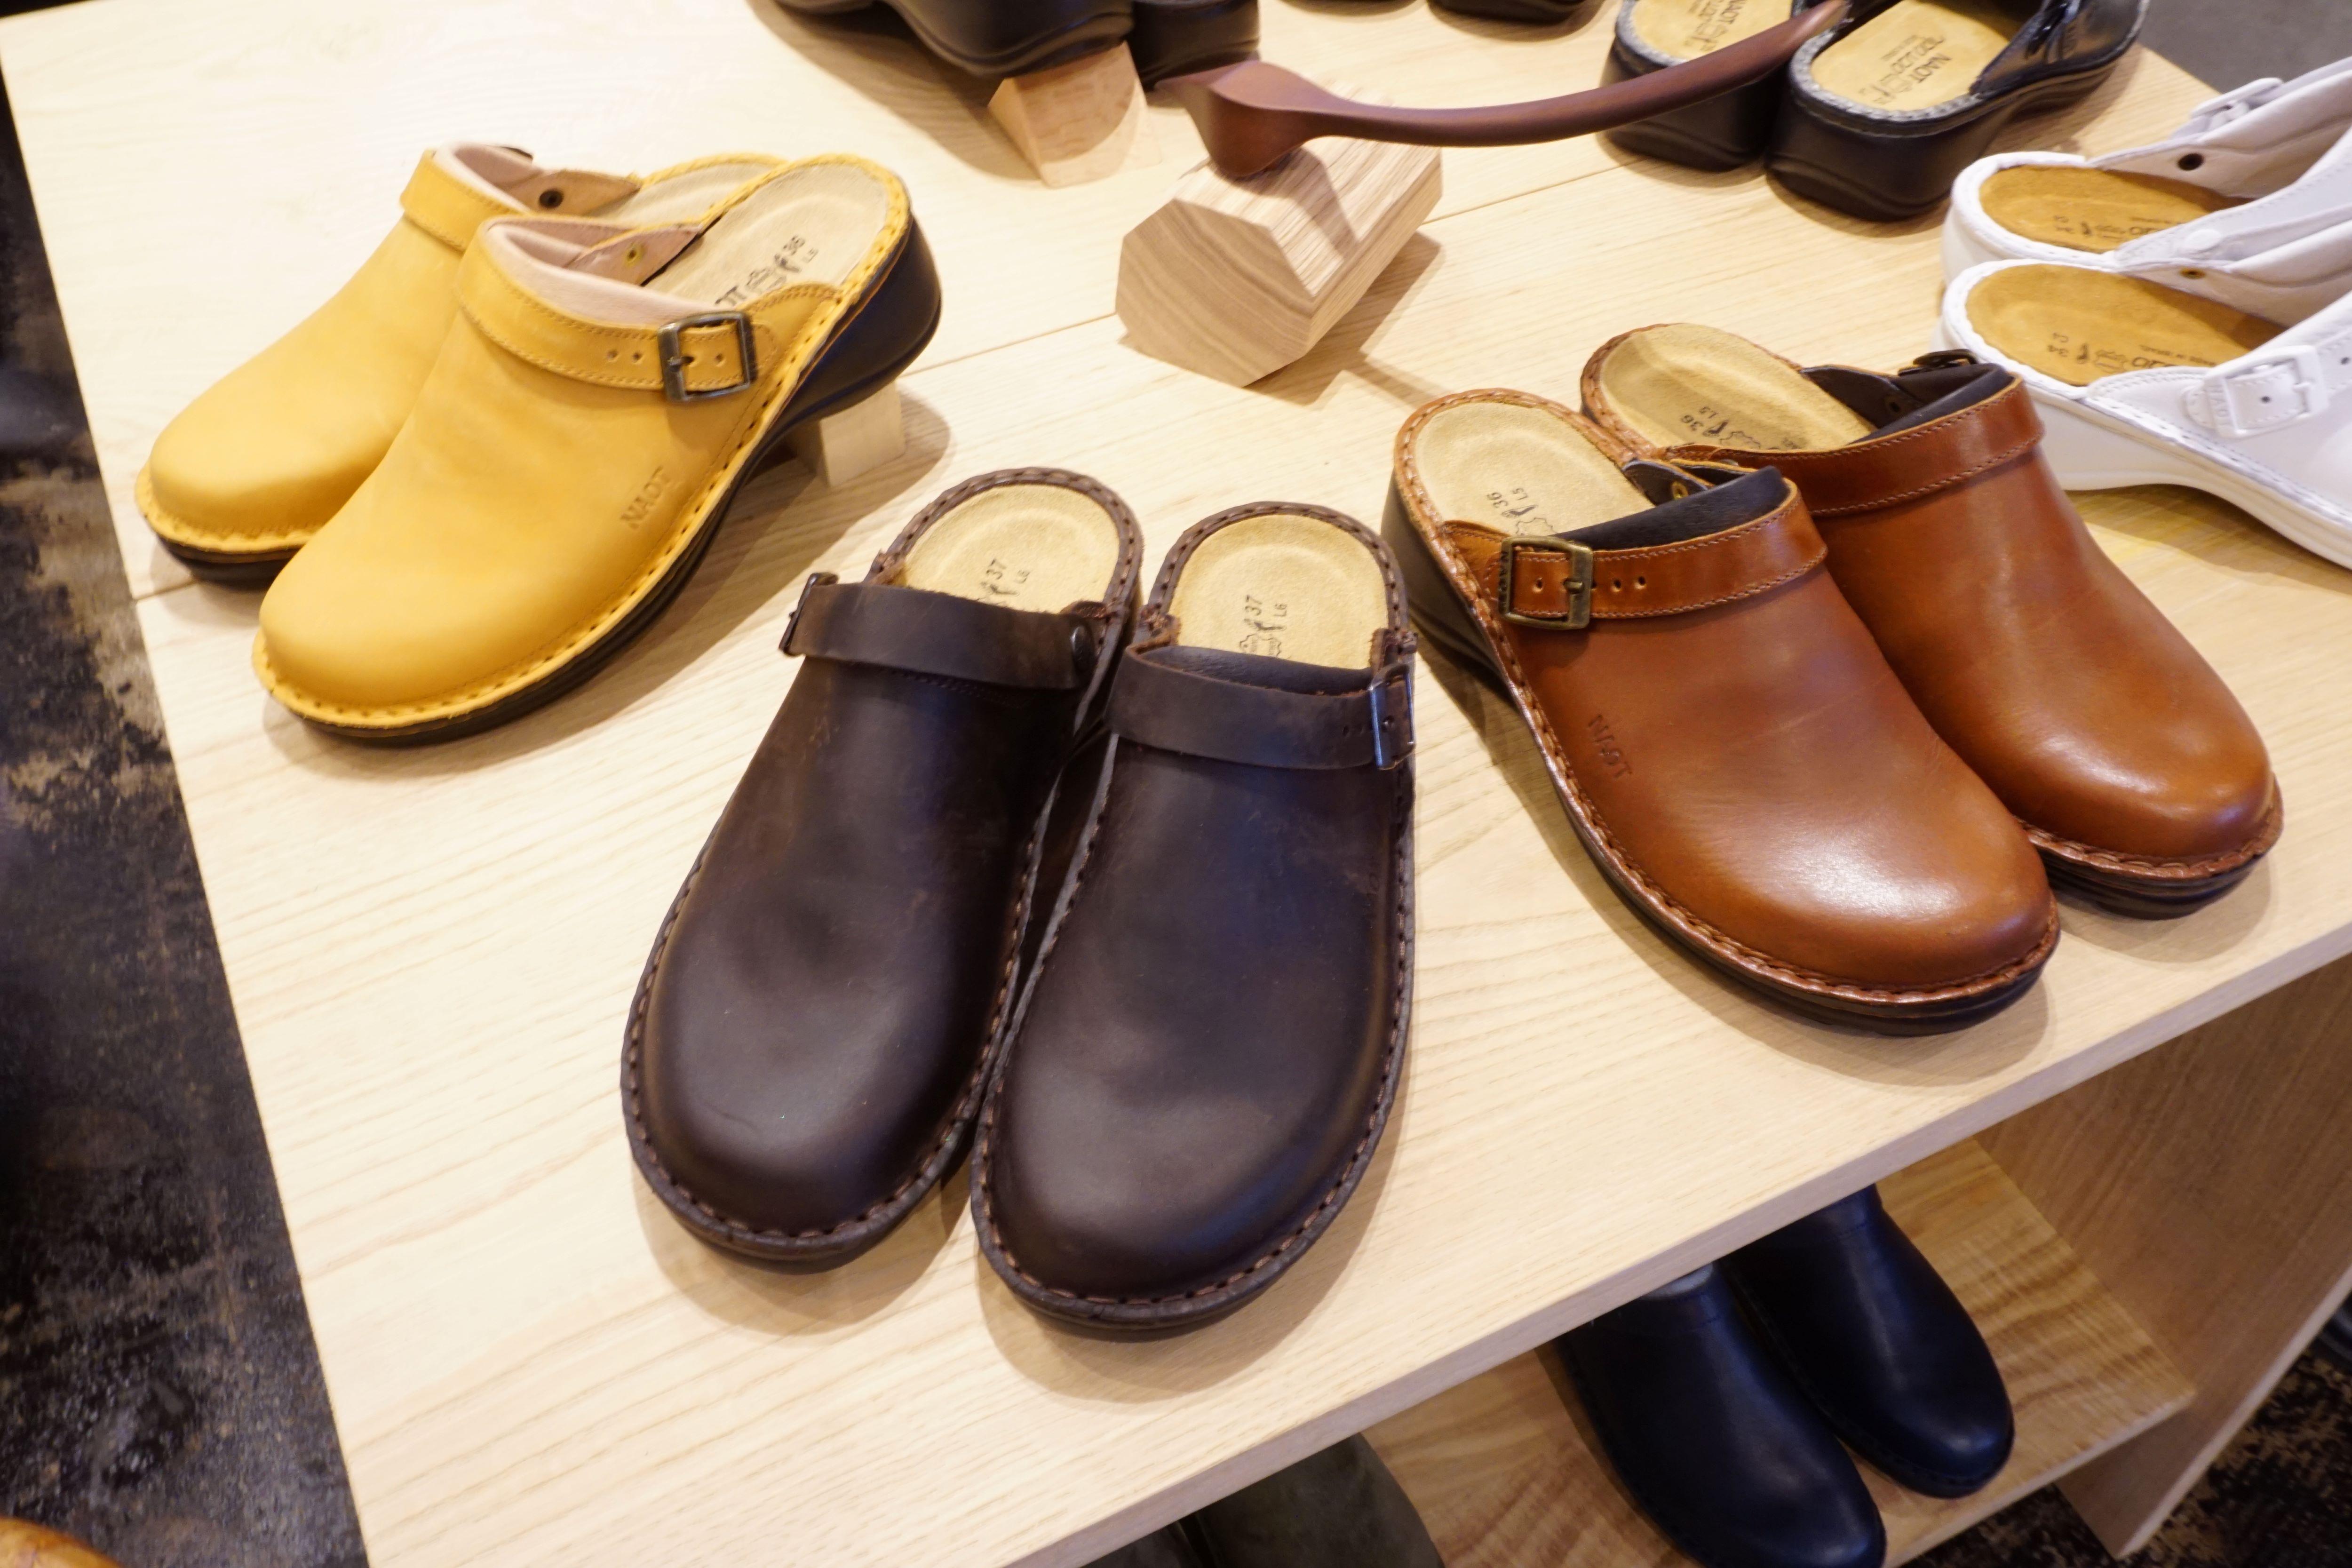 毎日の「歩く」が嬉しくなる靴さがし。革靴のお店「NAOT AICHI」が新しくオープン。 - ADSC00894